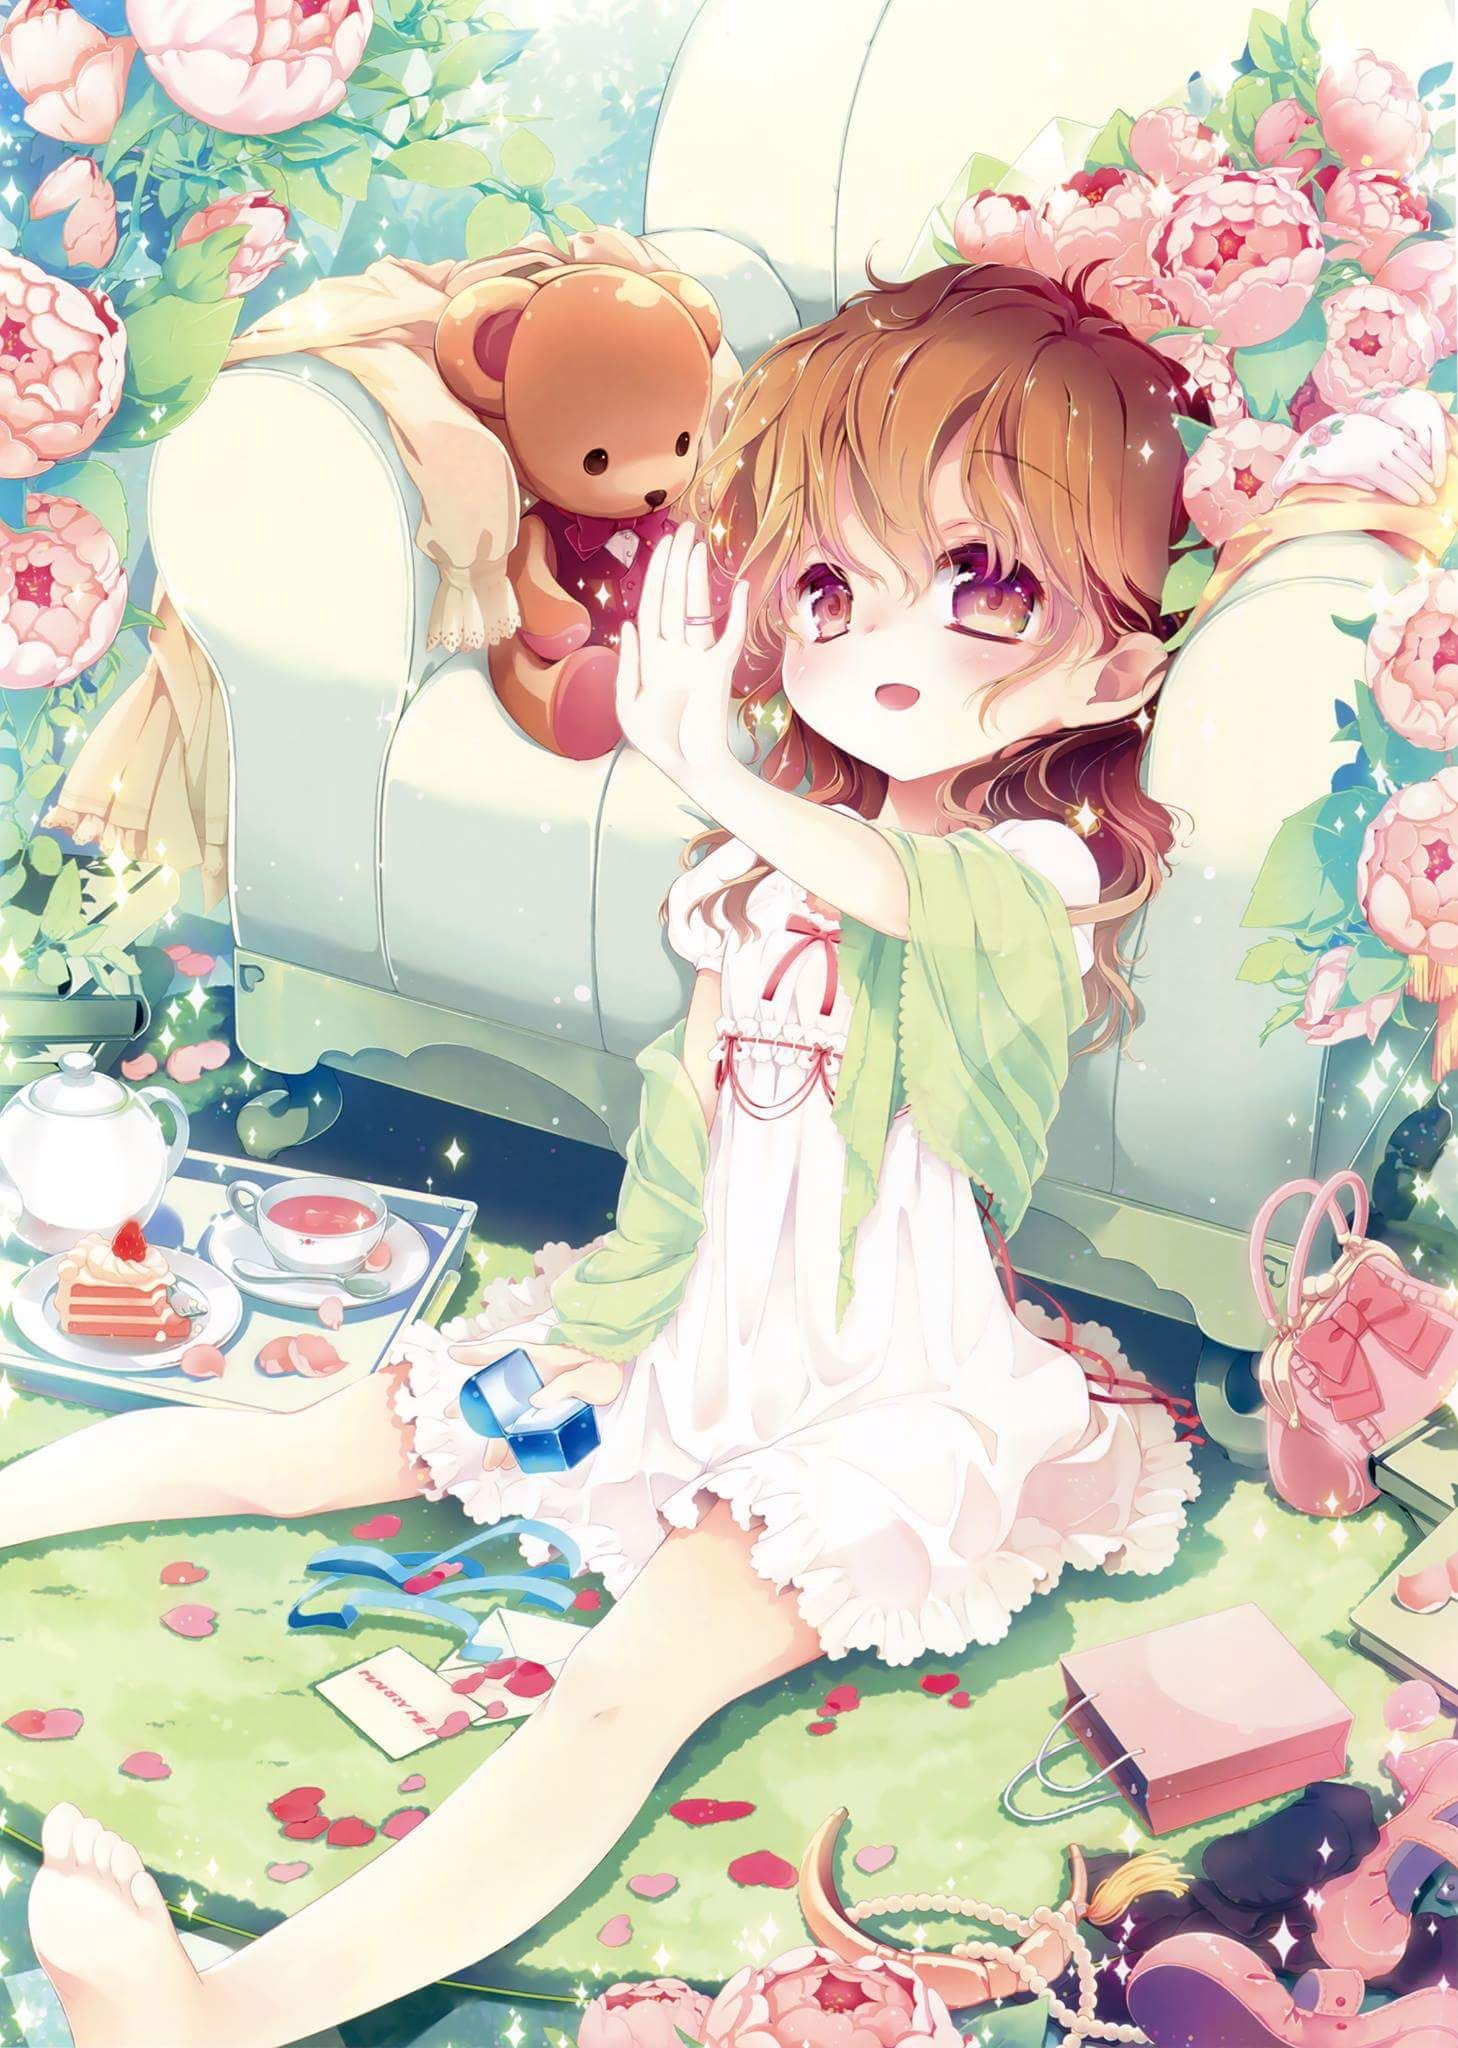 onee-chan ohaiyo❤#art #anime | anime | pinterest | 女の子、アニメ